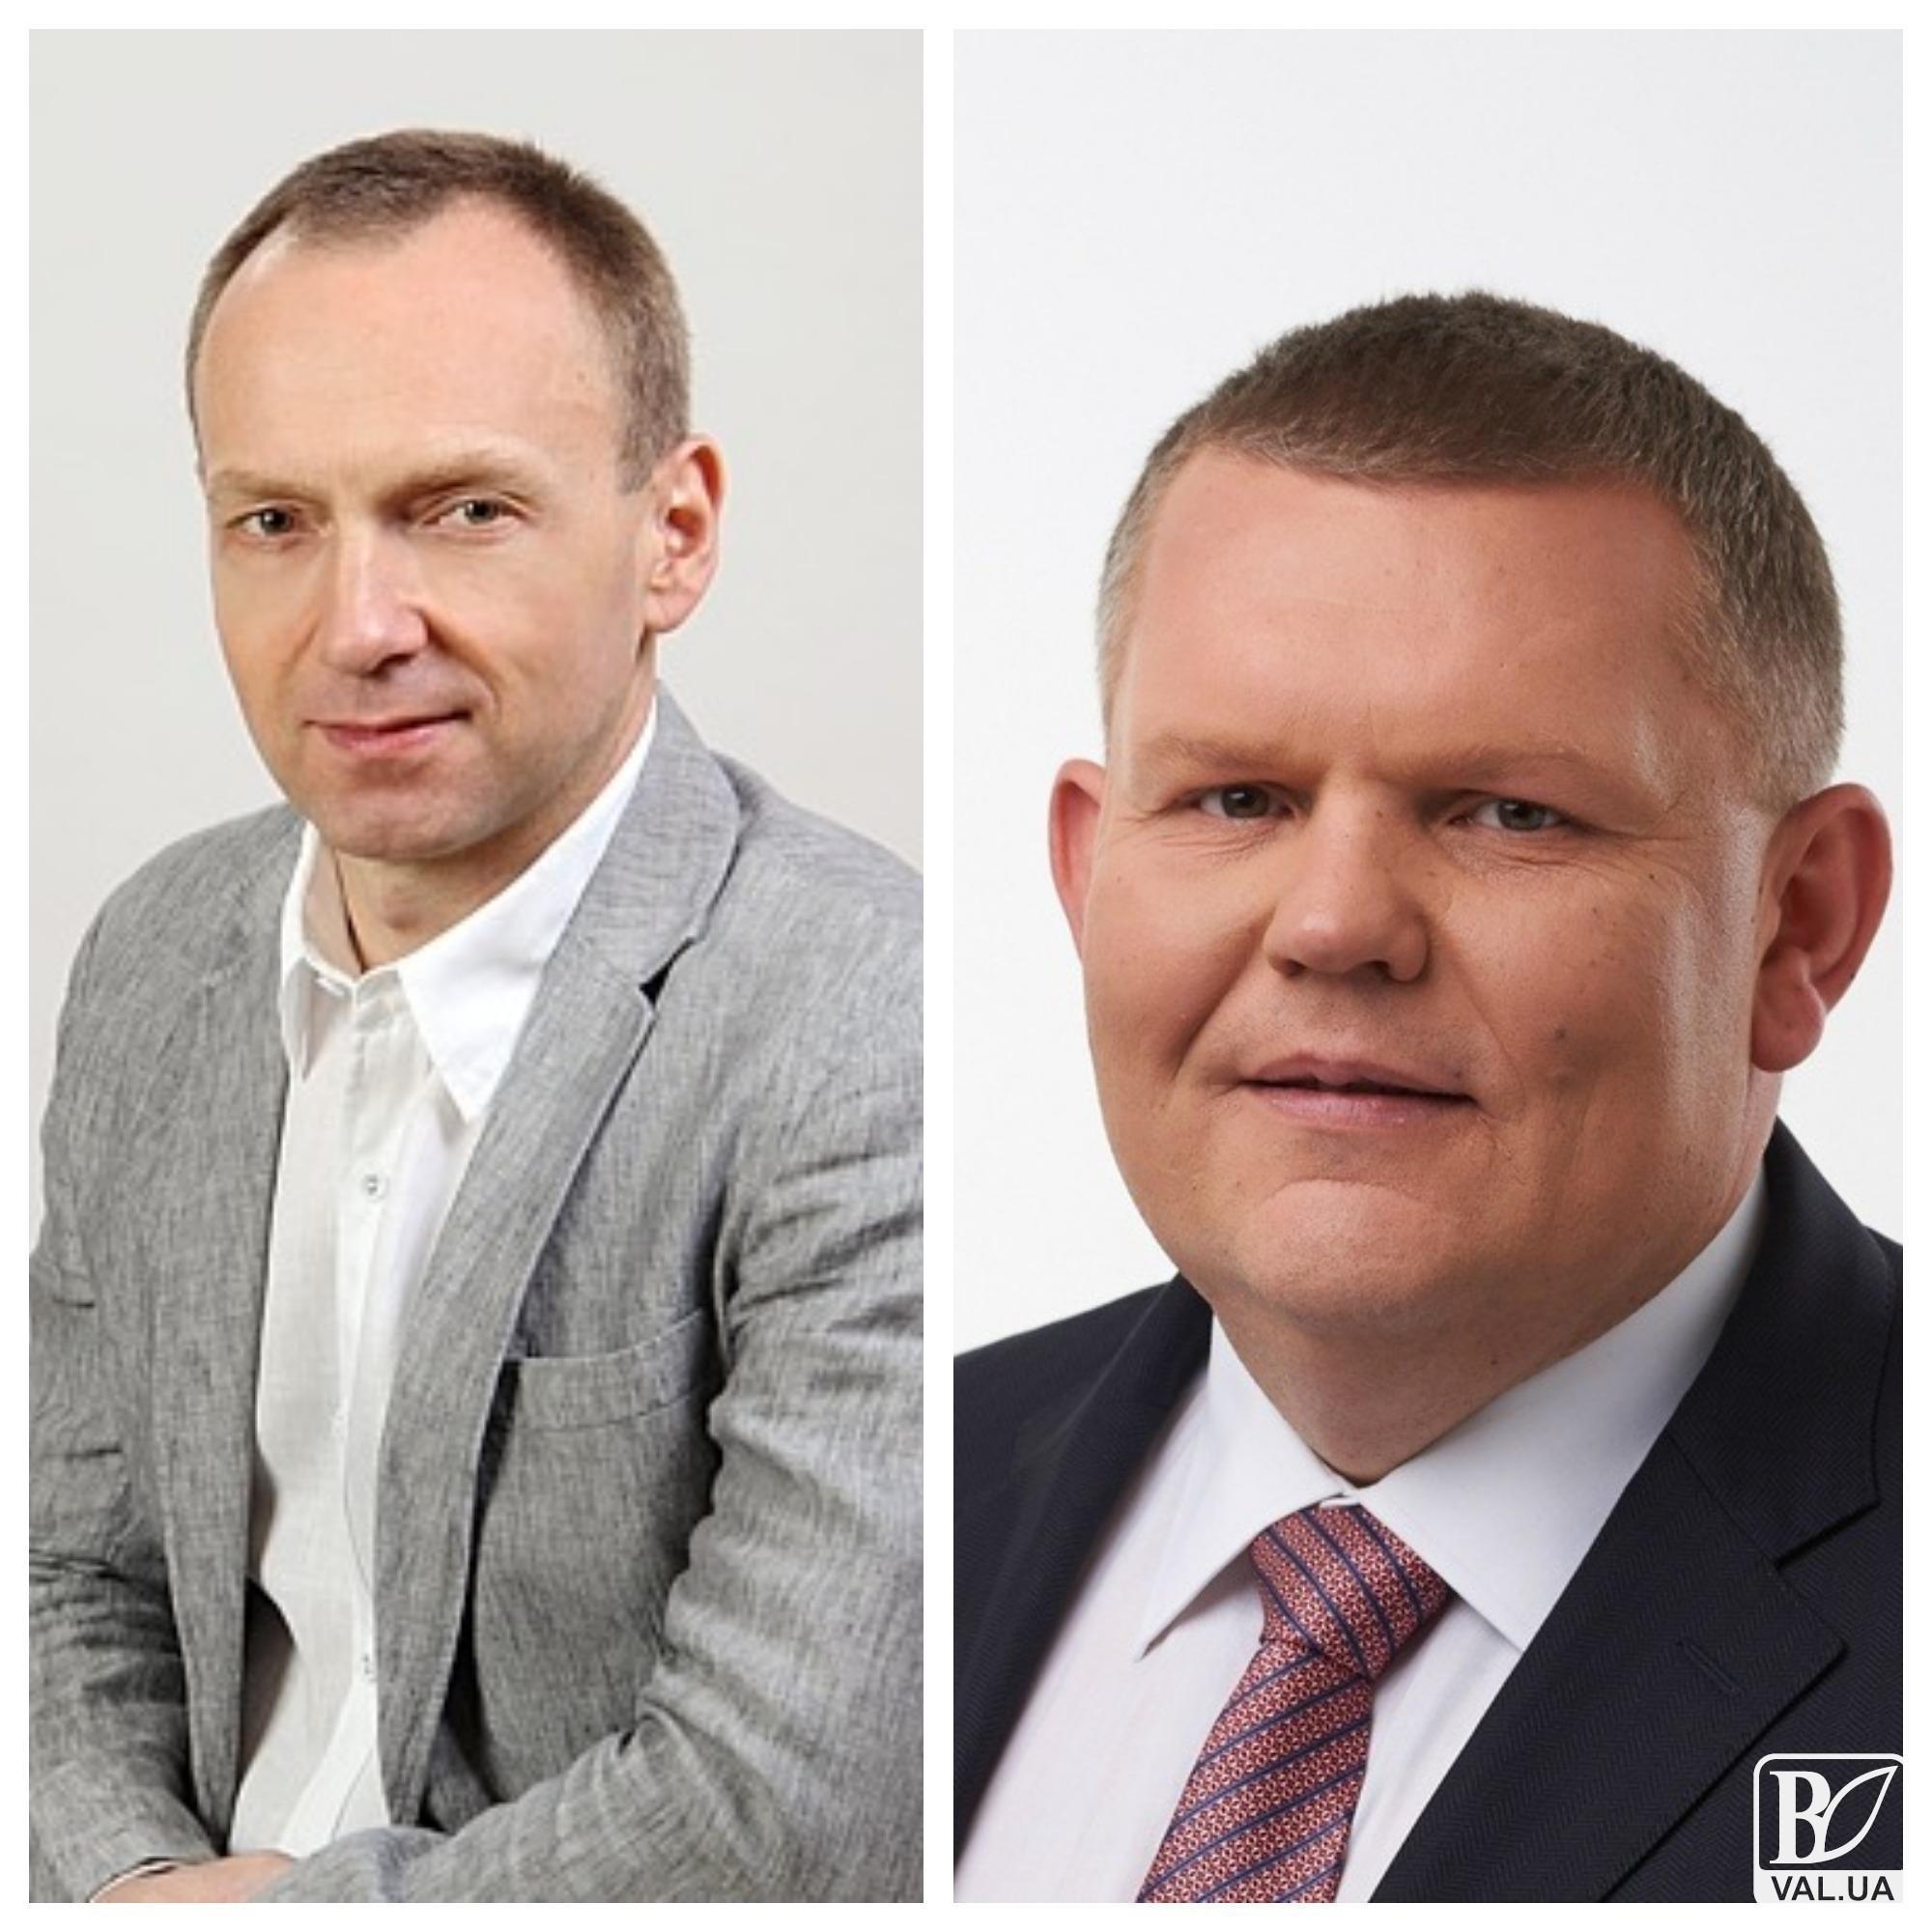 Давиденко добився спростування від «Дитинця», але не отримає моральної компенсації